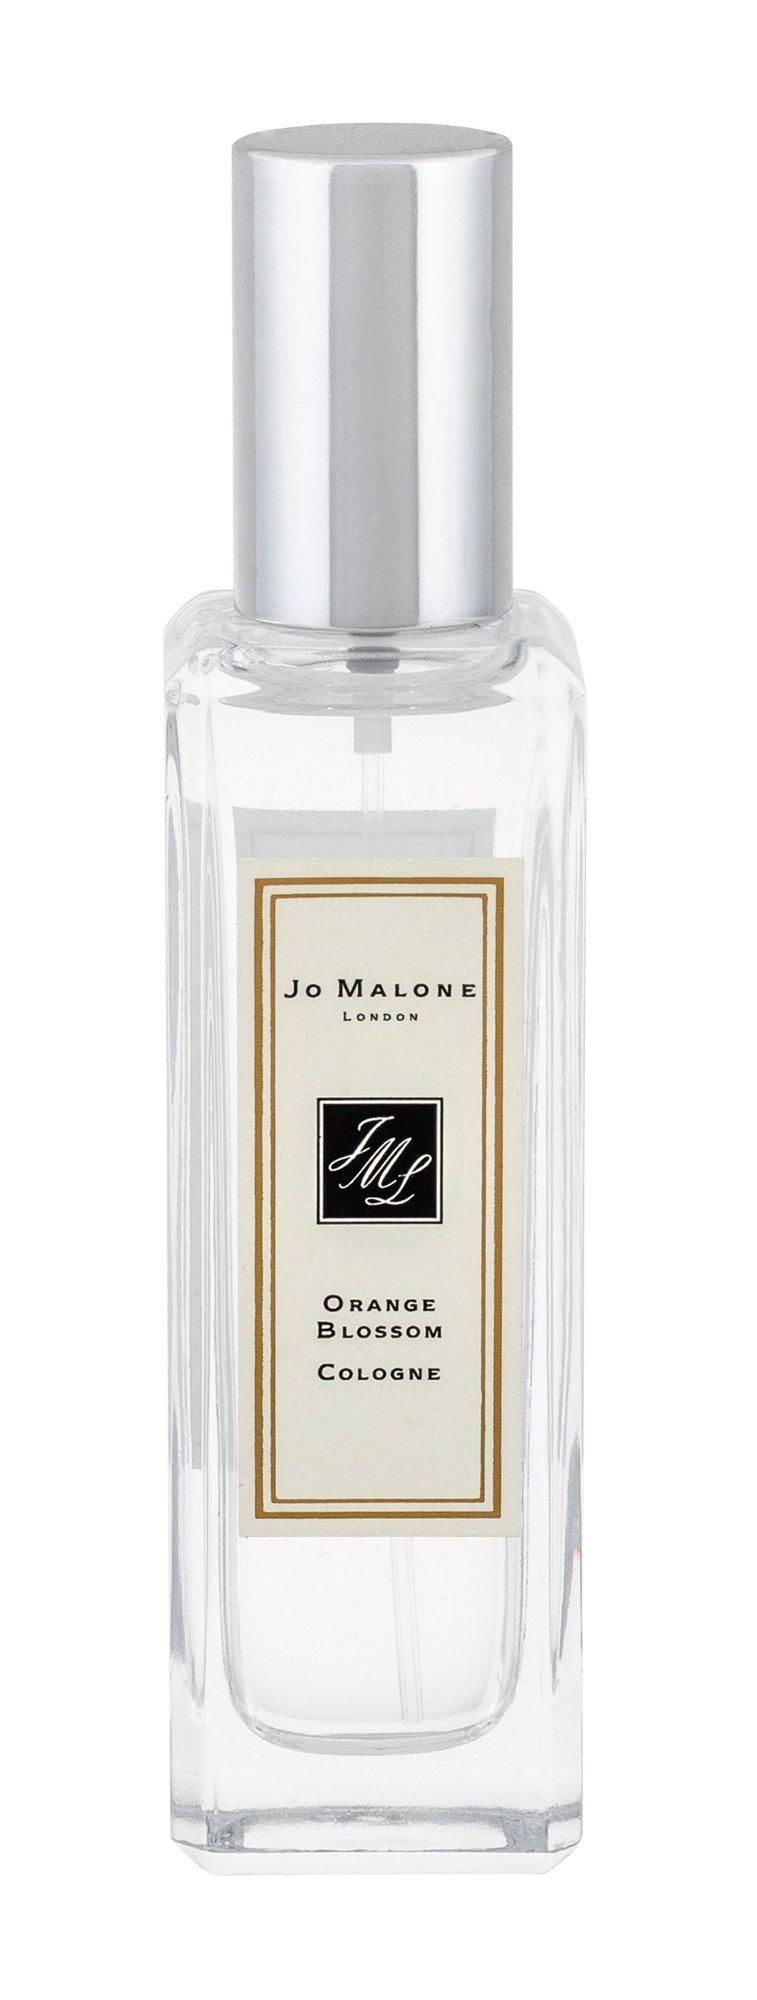 Jo Malone Orange Blossom Eau de Cologne 30ml